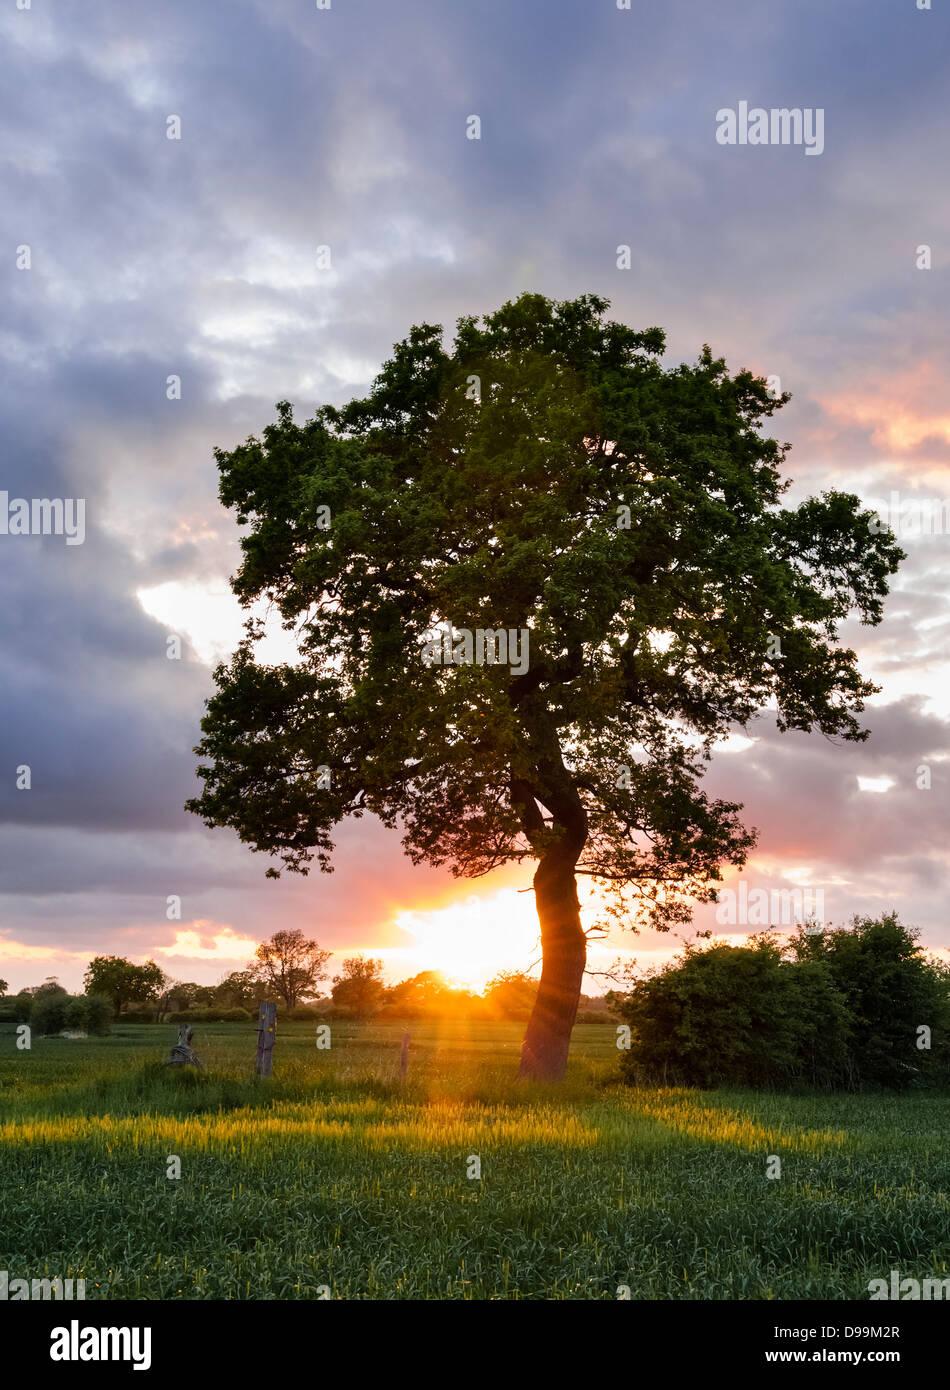 Seul arbre en pays champs, avec coucher de soleil sur l'horizon en arrière-plan Photo Stock